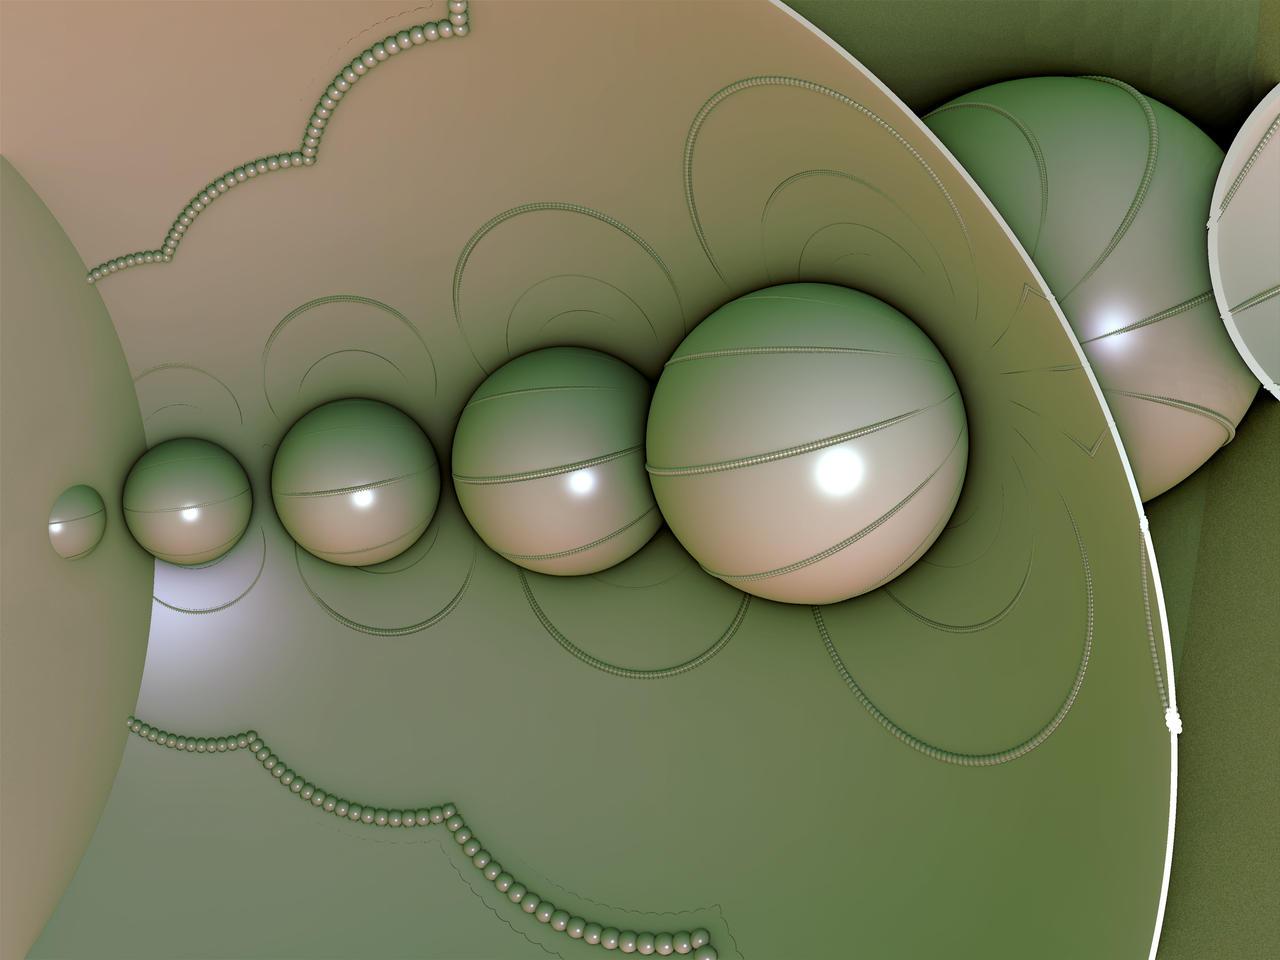 Plastic spheres